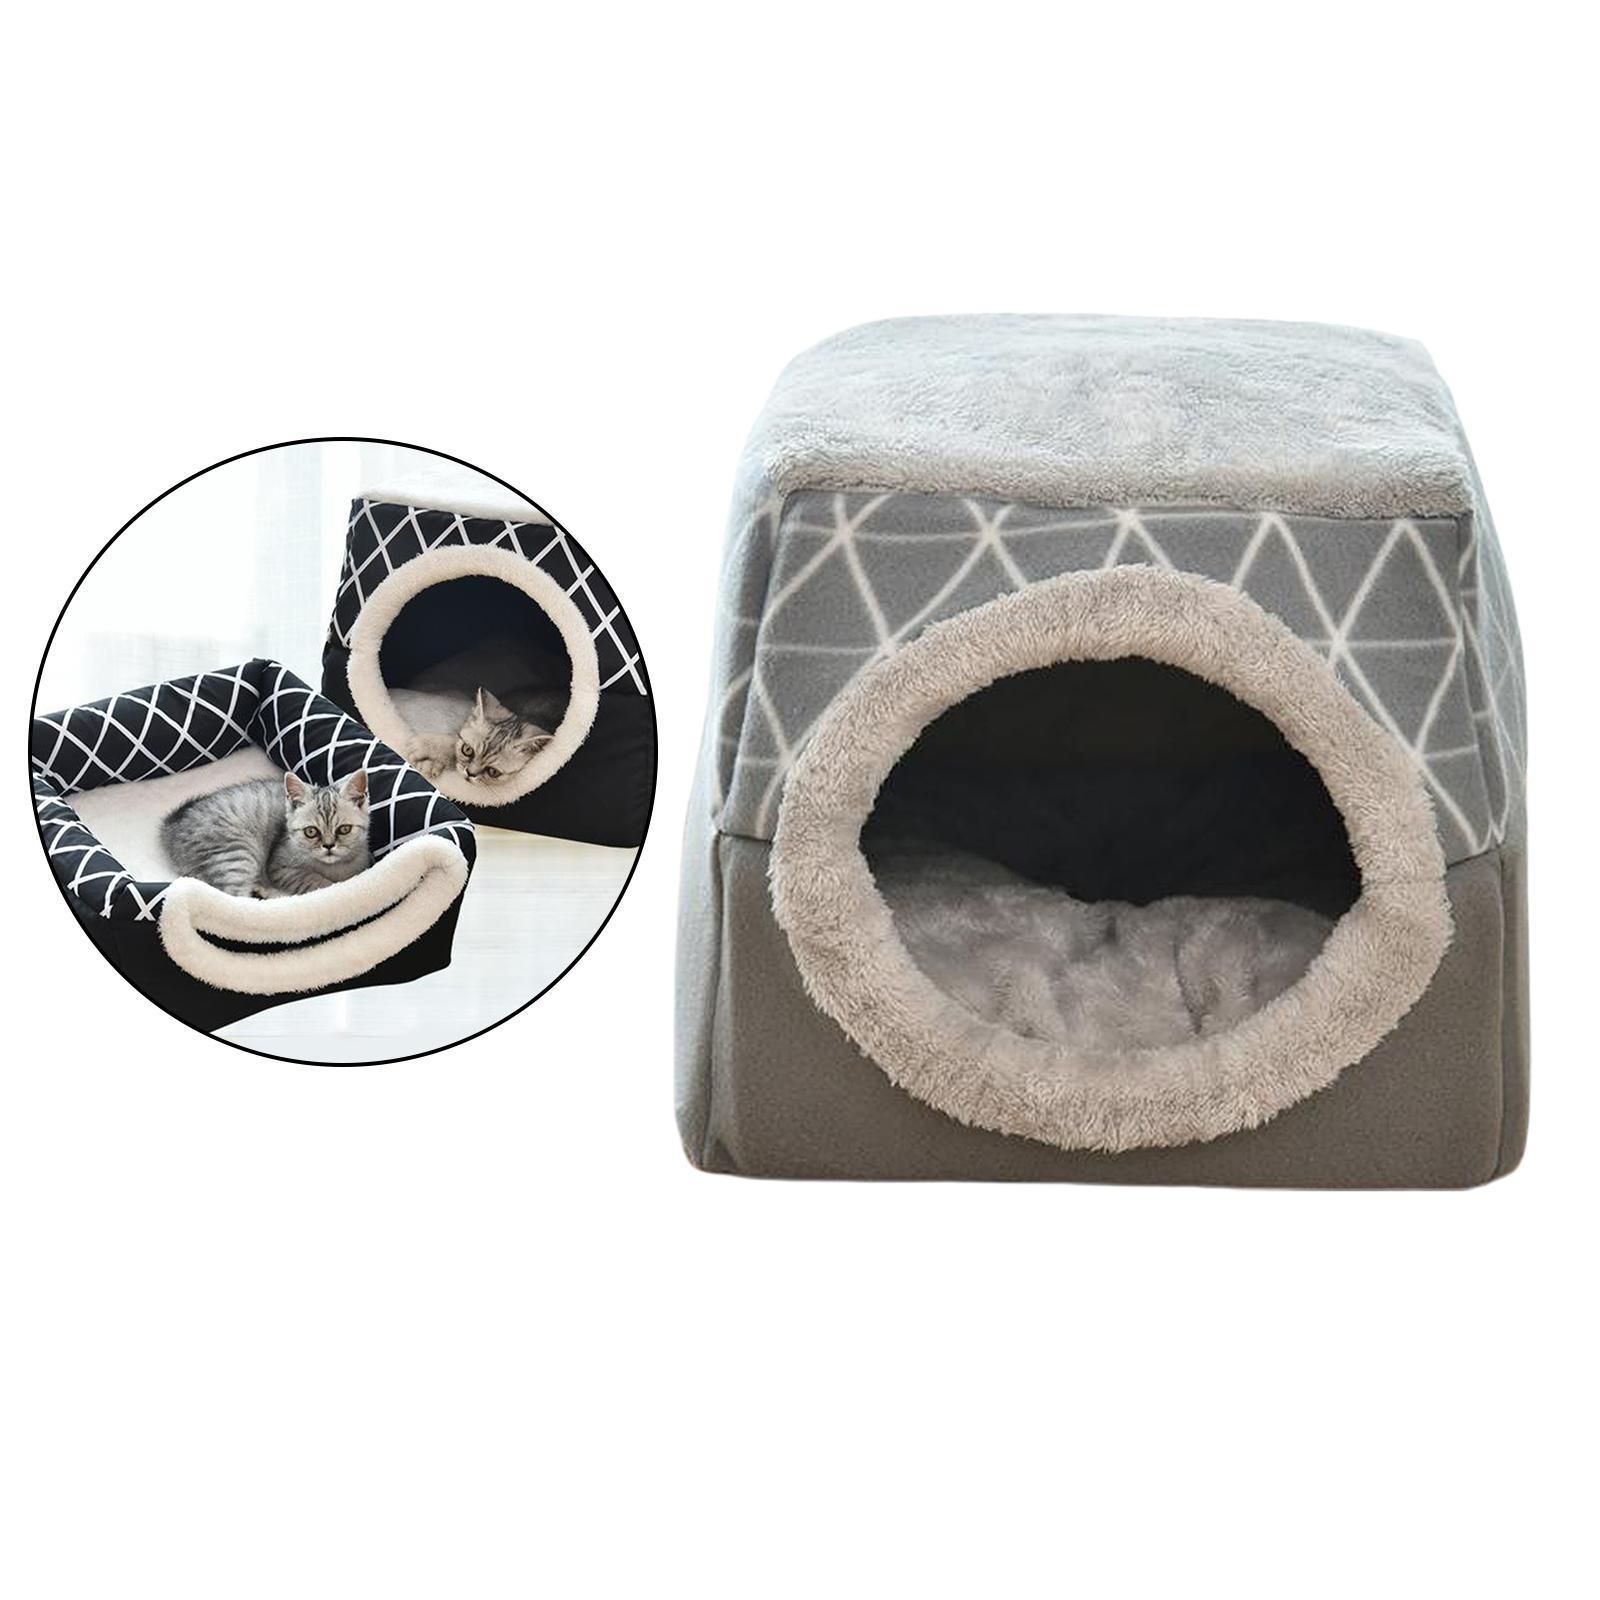 Indexbild 5 - 2-in-1-Weichen-Katzen-Haus-Schlafen-Bett-Zwinger-Puppy-Cave-Warme-Nest-Matte